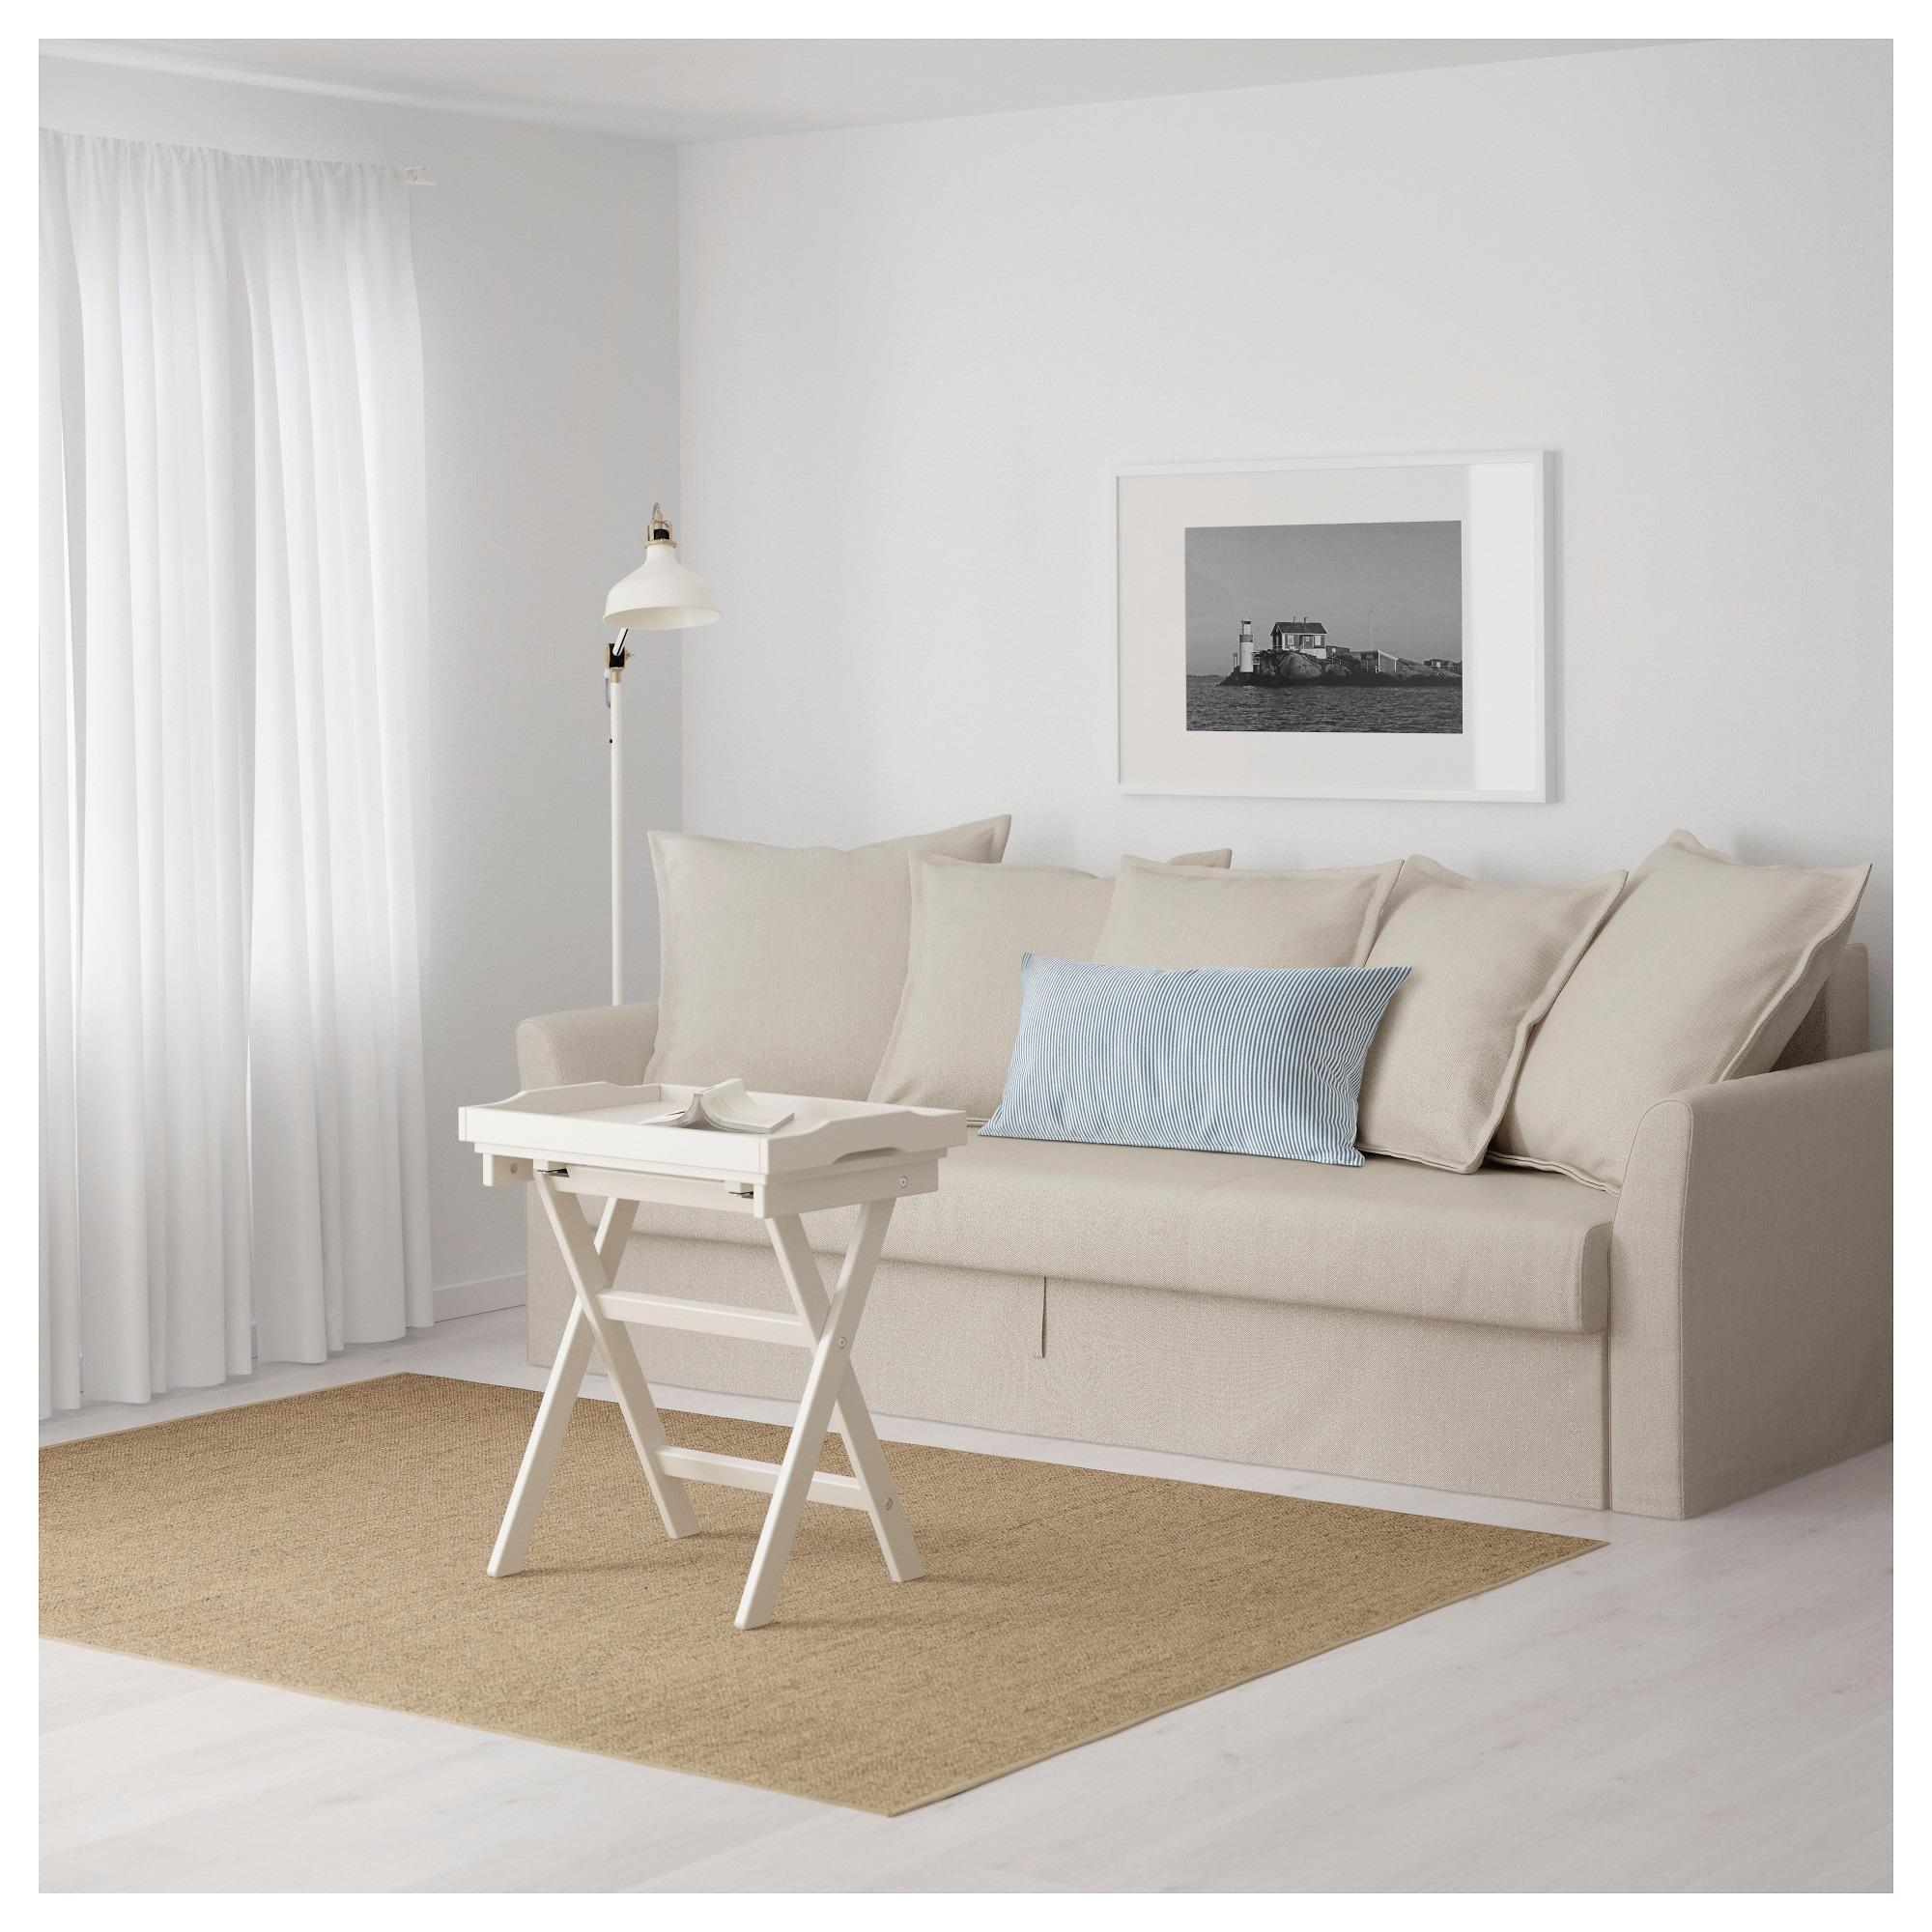 Housse Canape Ikea Ancien Modele Frais Image Holmsund Convertible 3 Places orrsta Blanc Gris Clair Ikea